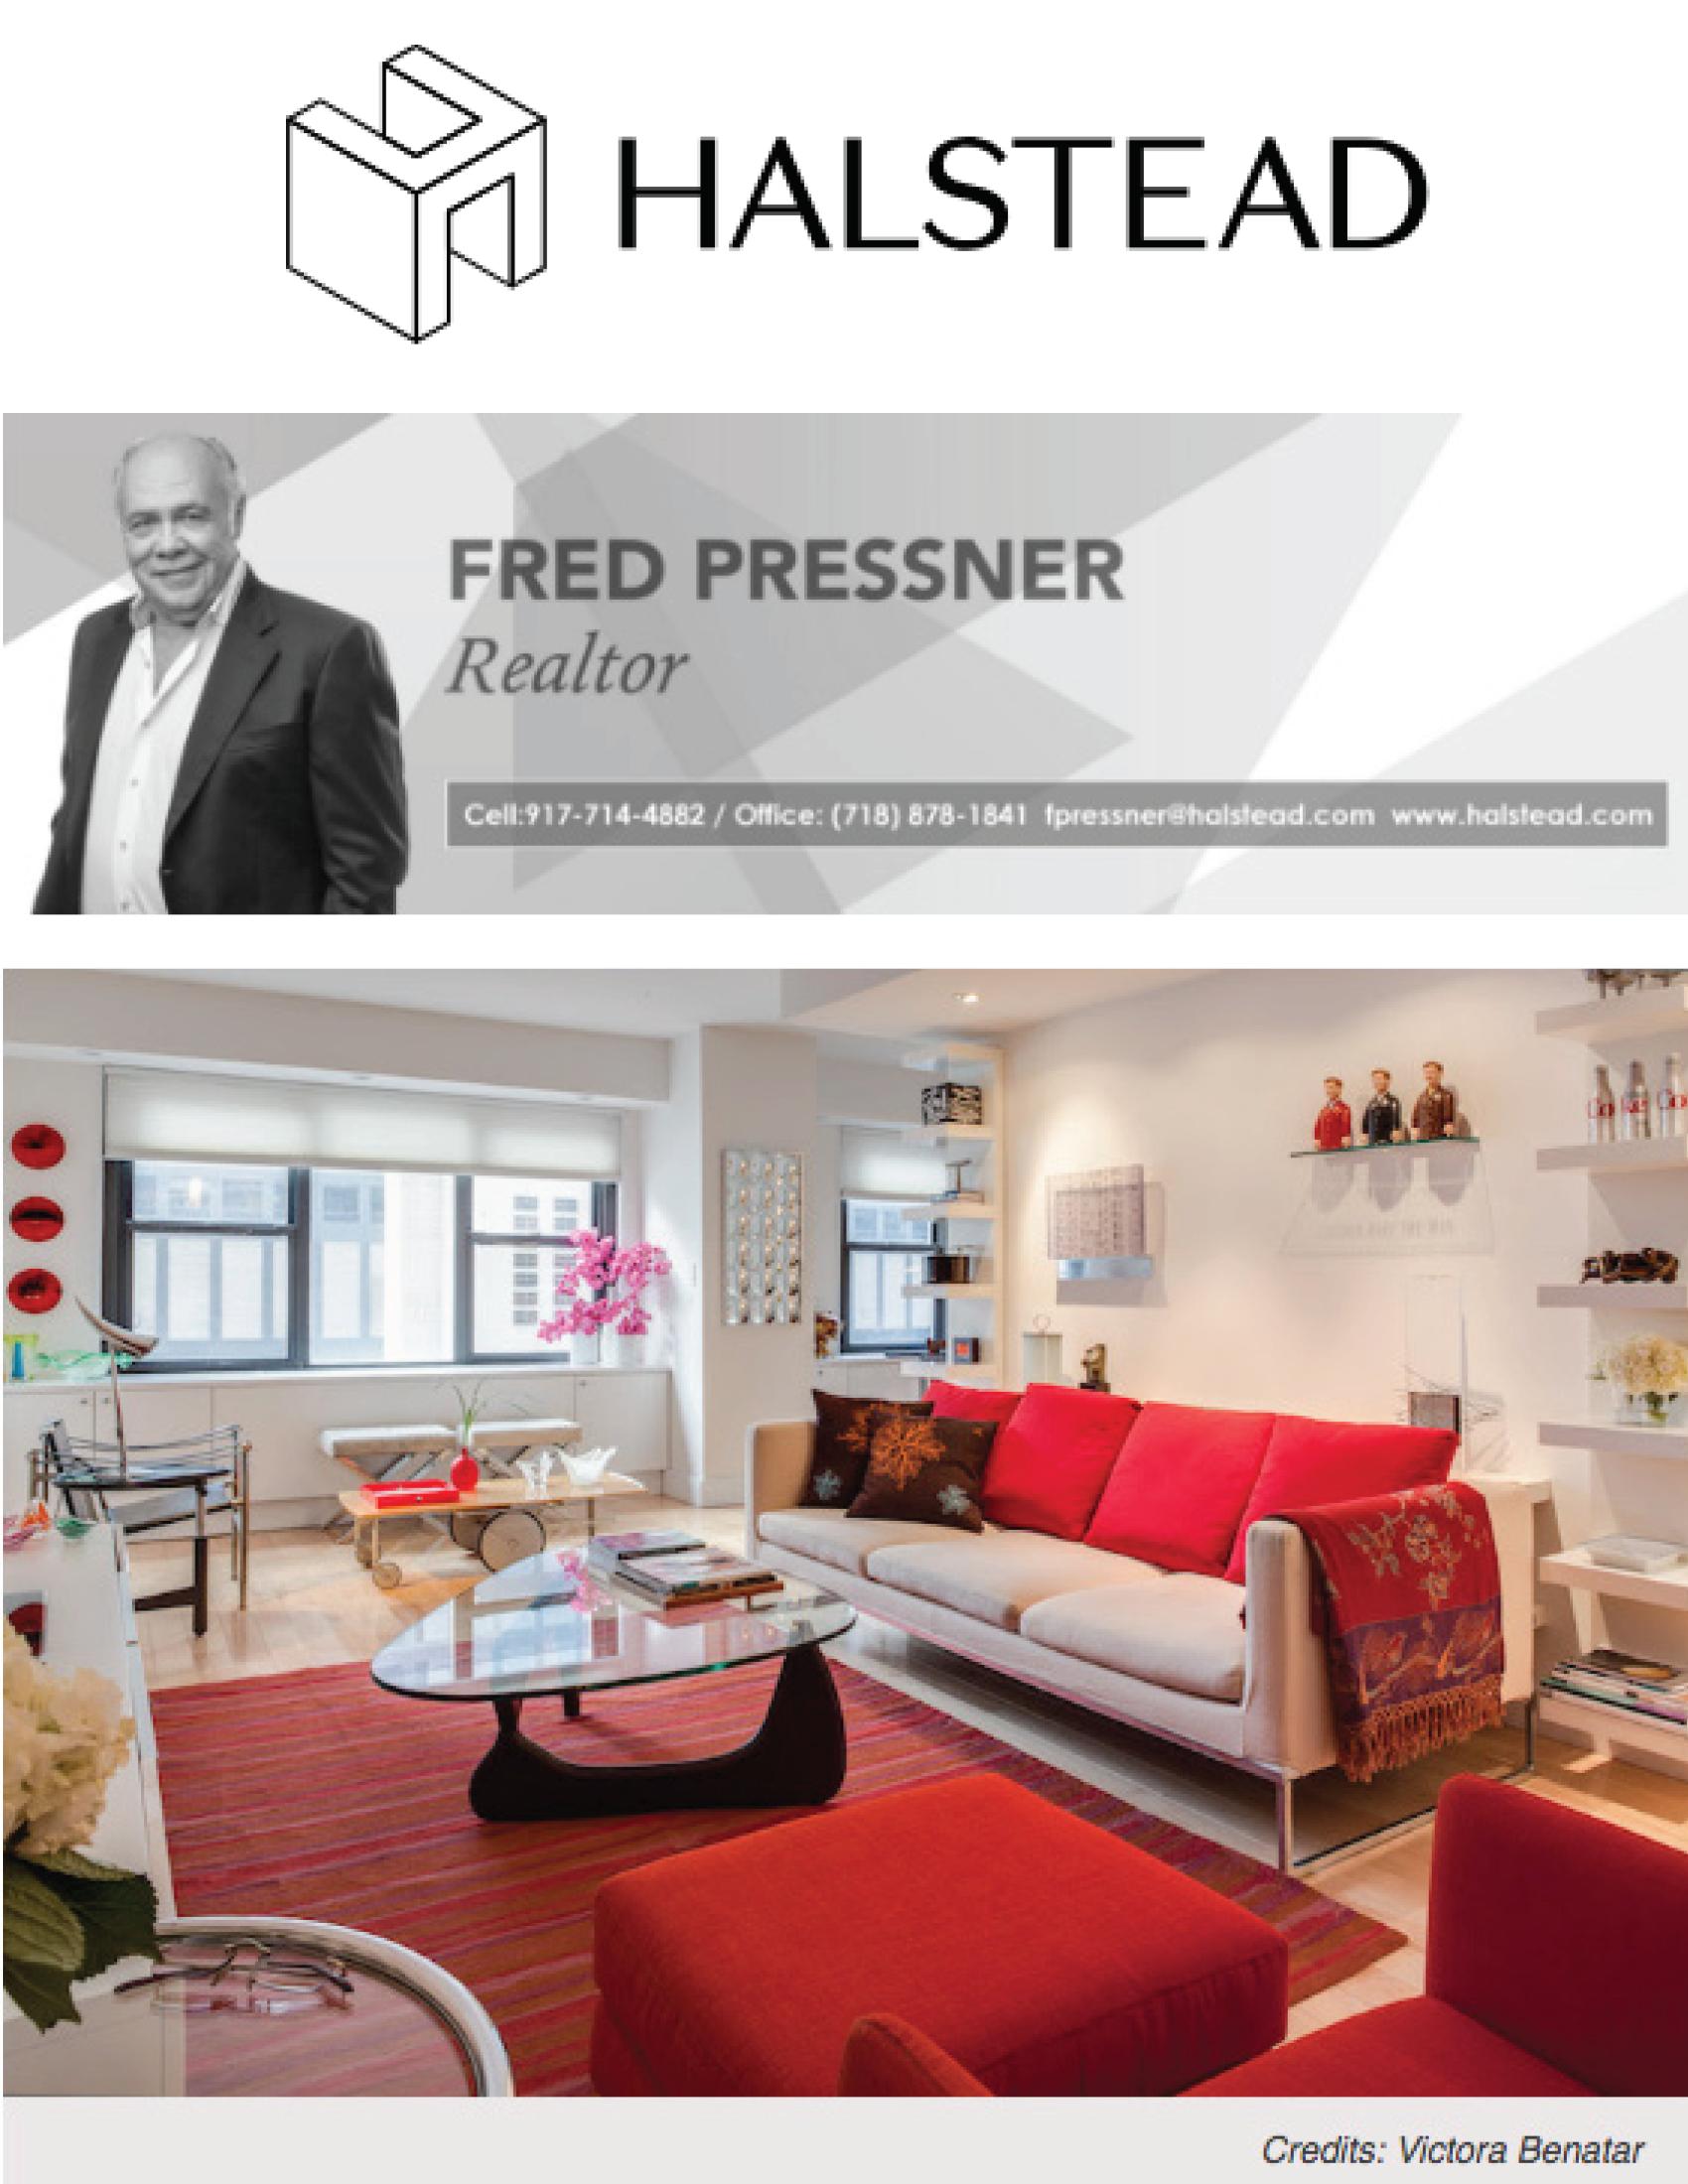 Halstead - Fred Pressner - 2018.png